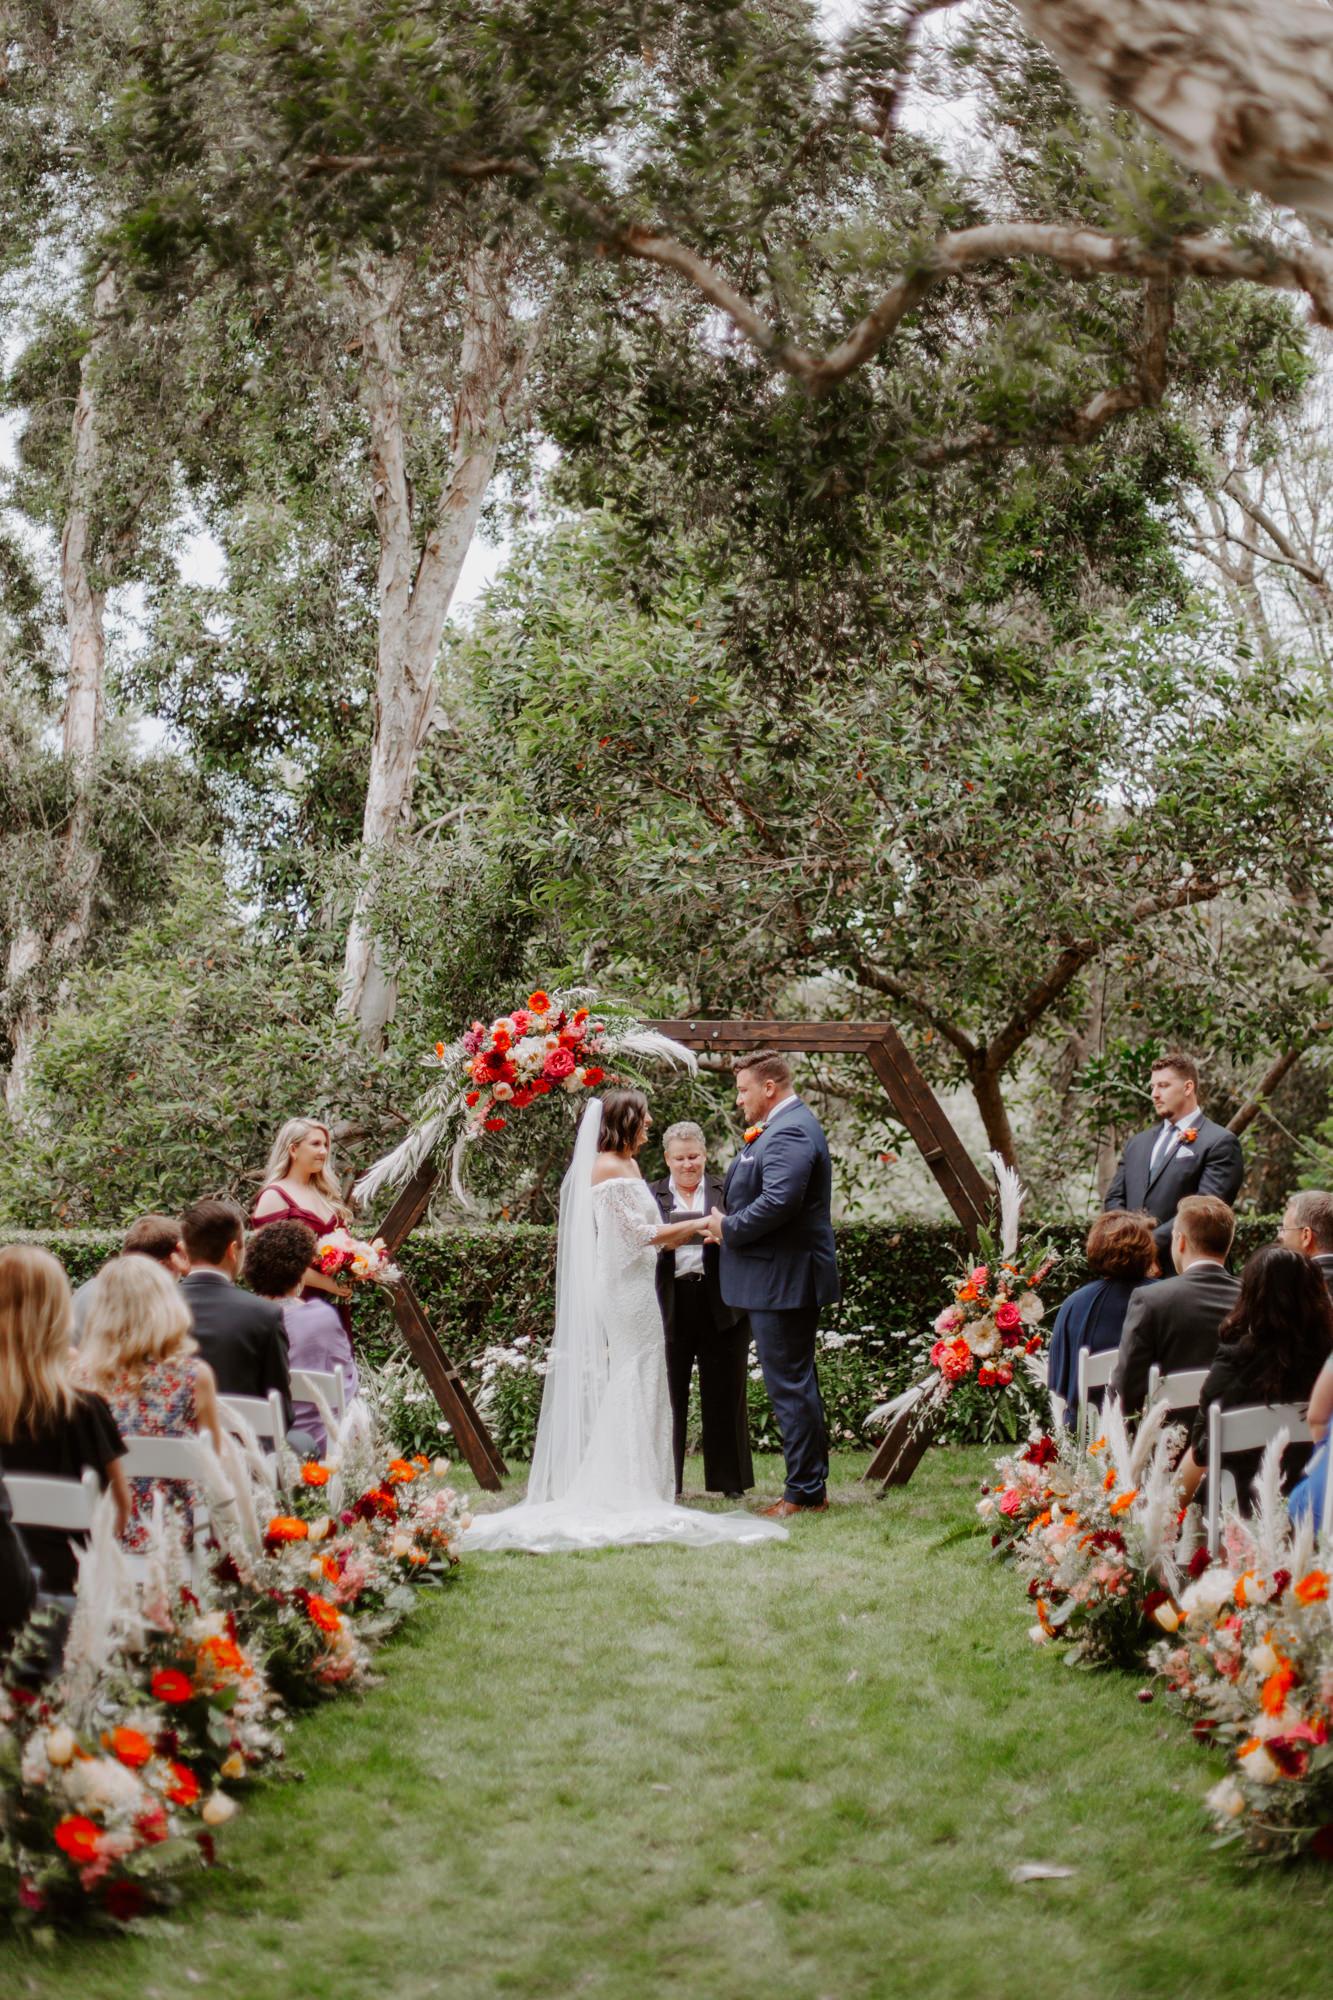 Rancho bernardo Inn san deigo wedding photography0054.jpg